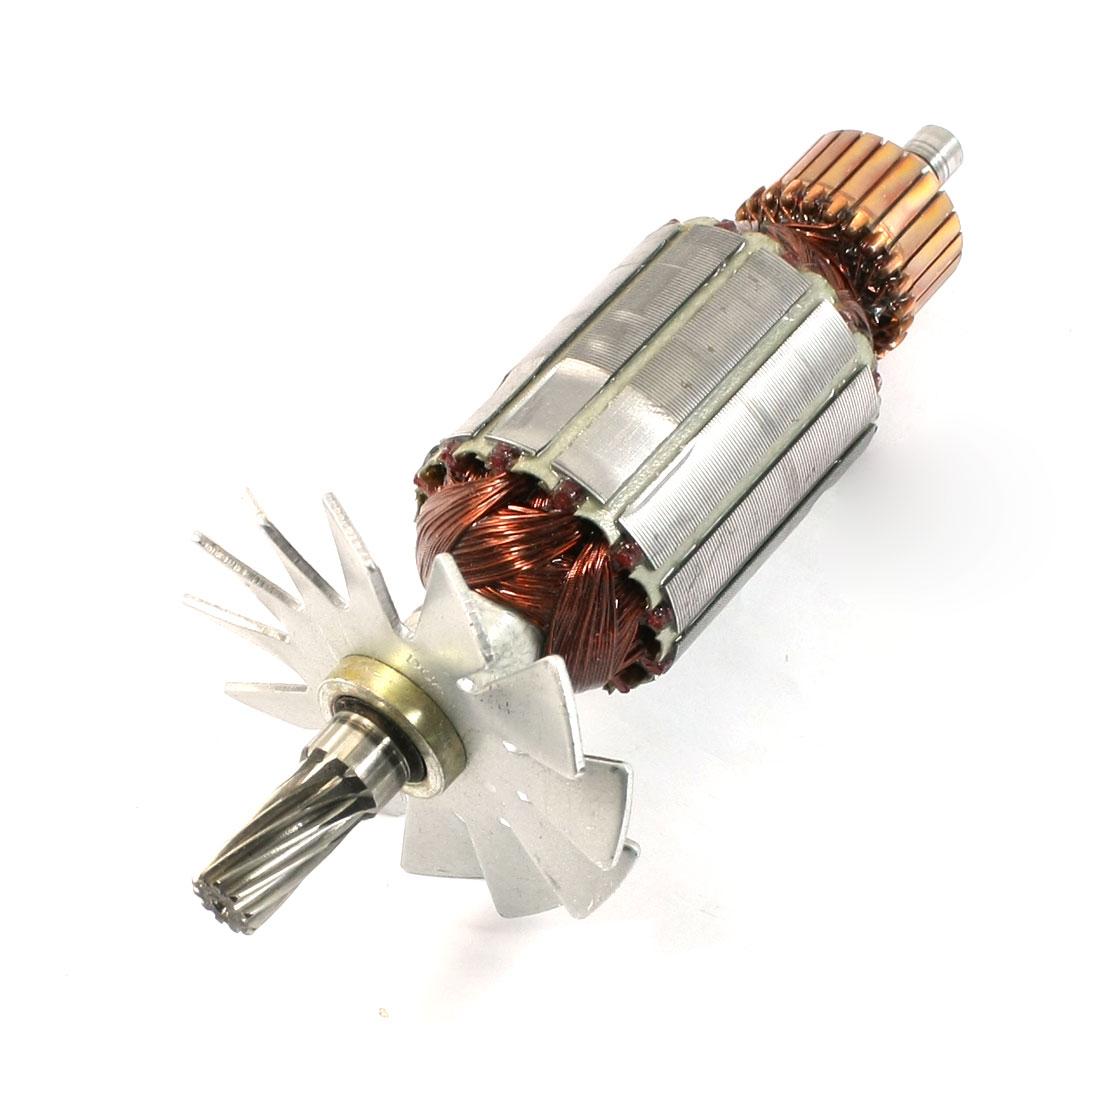 AC220V 11-Teeth Drive Shaft Polishing Machine Part Motor Rotor for Makita 9218PB